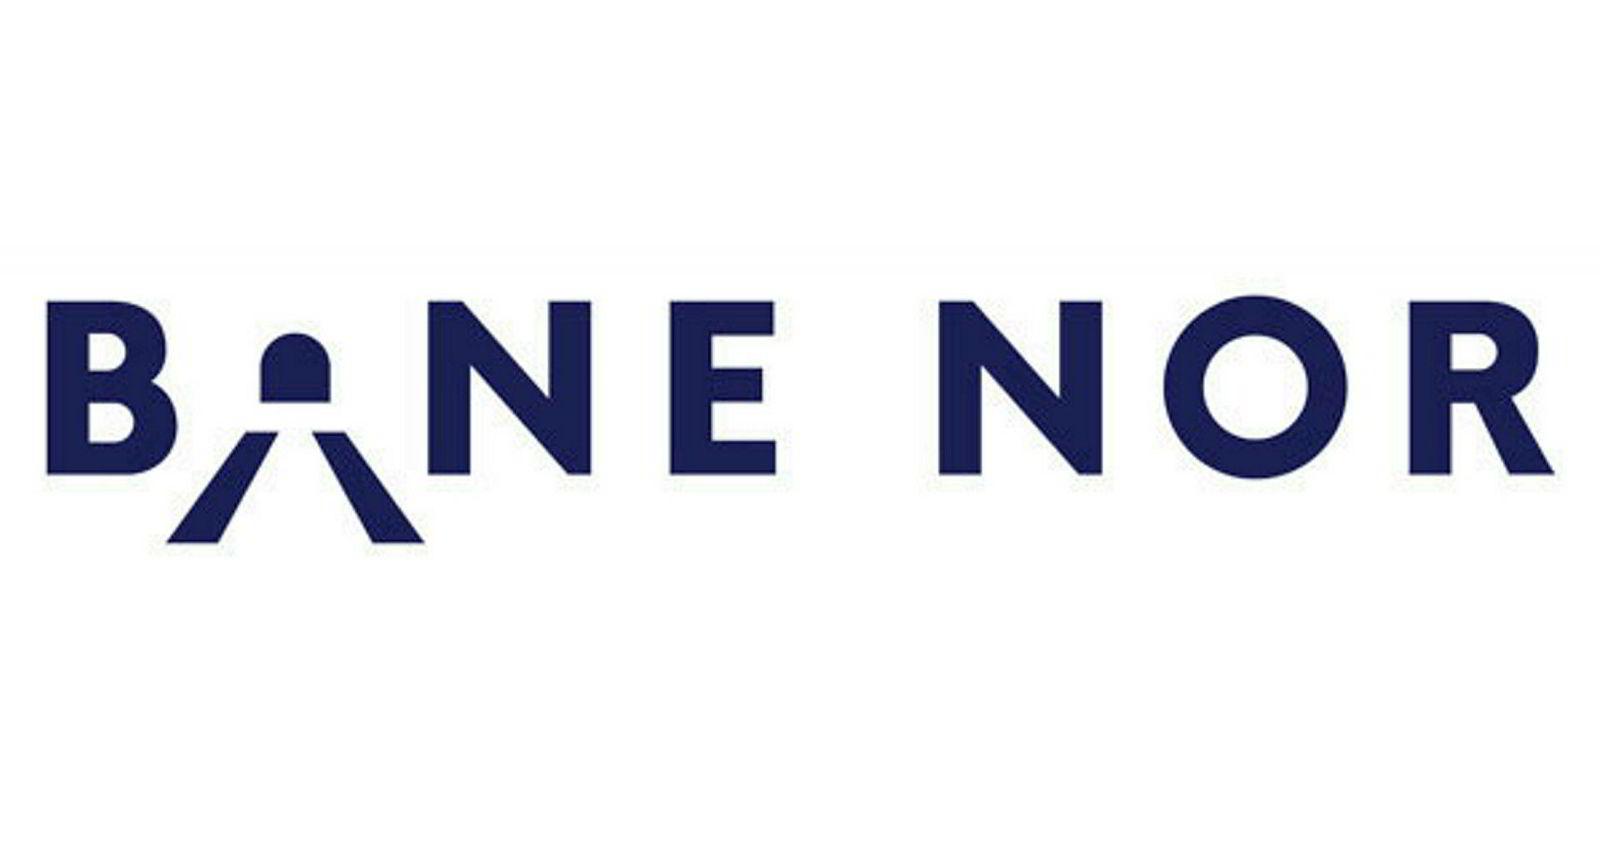 Ifølge brevet til Kulturdepartementet startet det hele i 2016 da statsforetaket som etterfulgte Jernbaneverket fikk navnet Bane NOR SF.